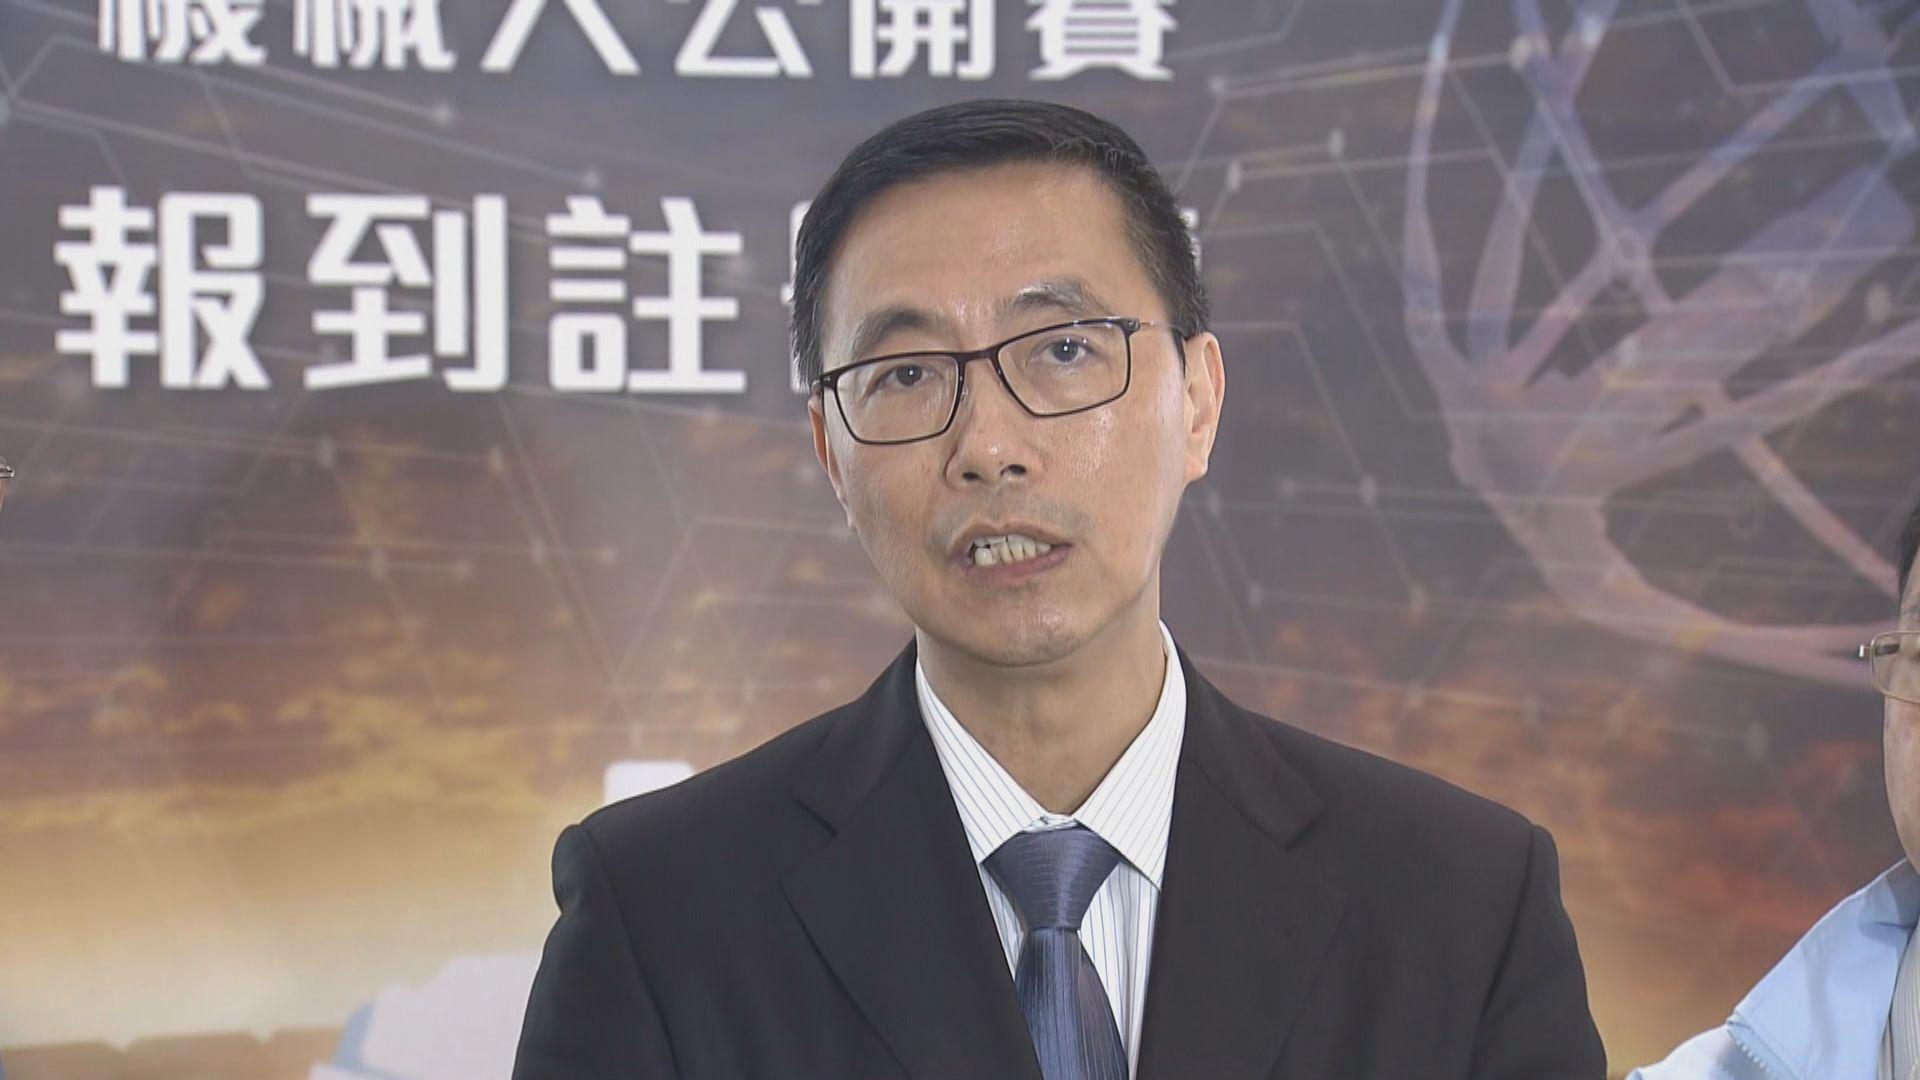 楊潤雄:致函校監校長反對罷課罷教非施壓